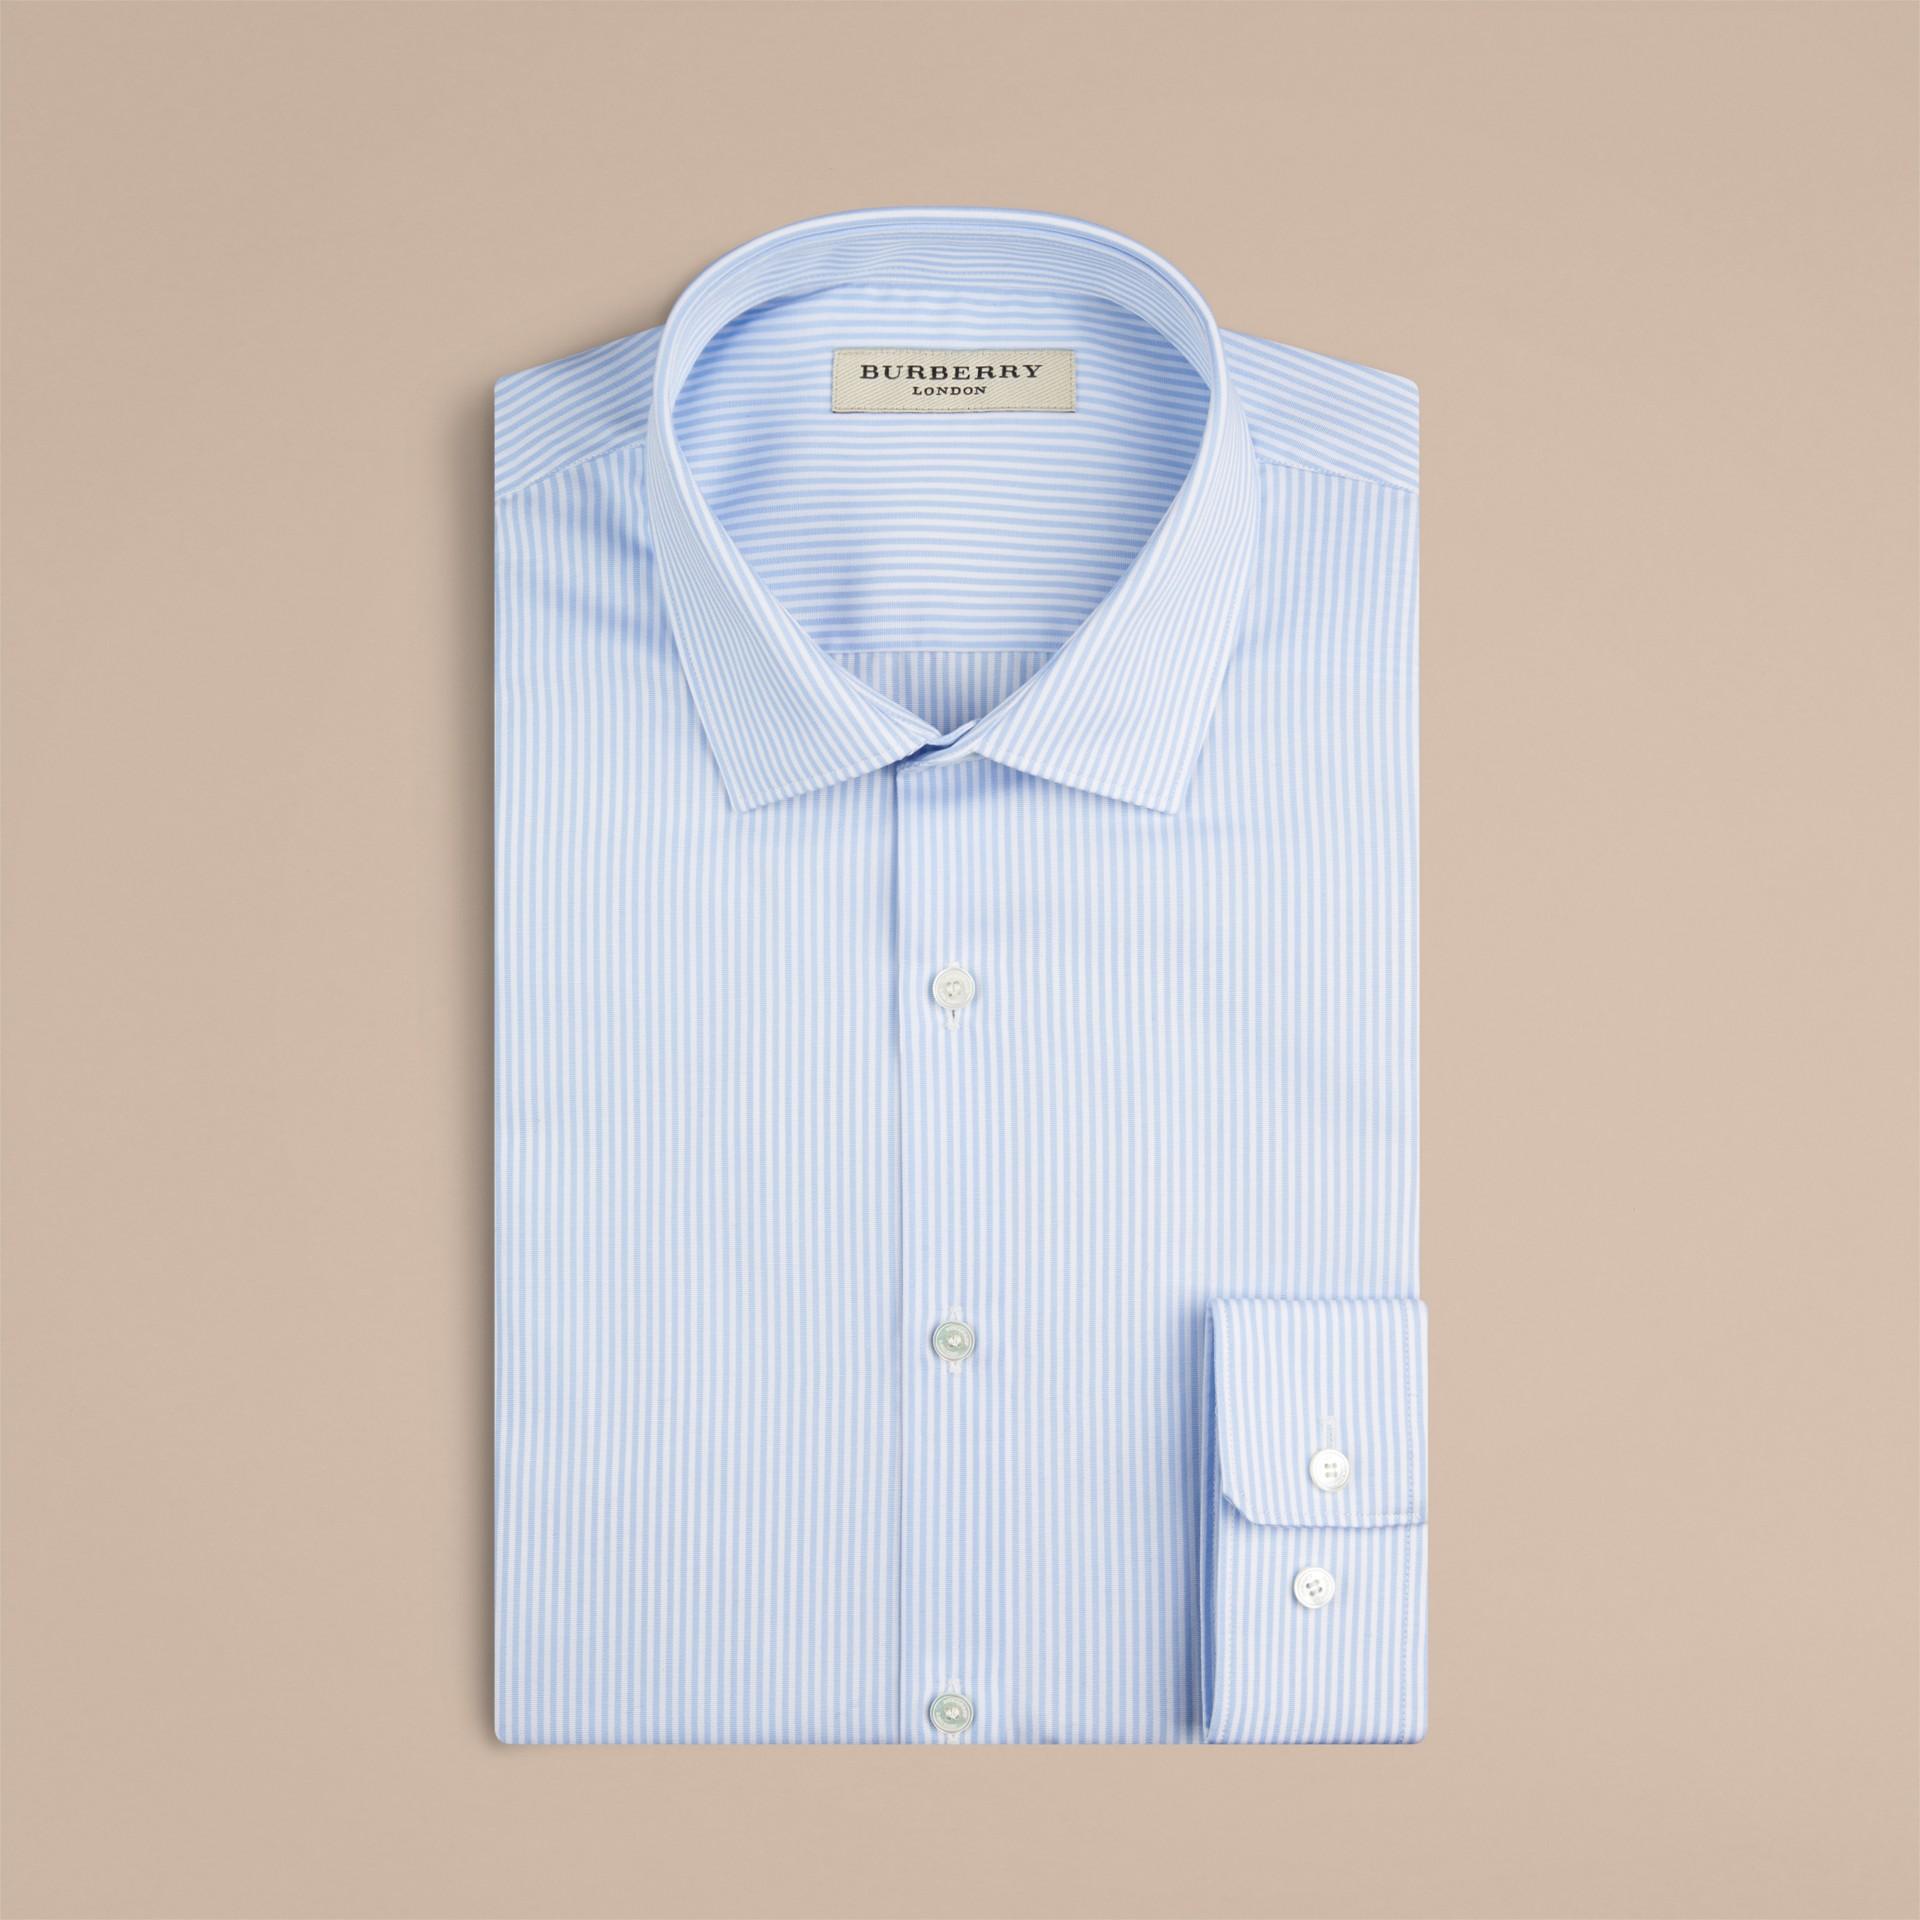 Azzurro pallido Camicia sfiancata in cotone a righe - immagine della galleria 2